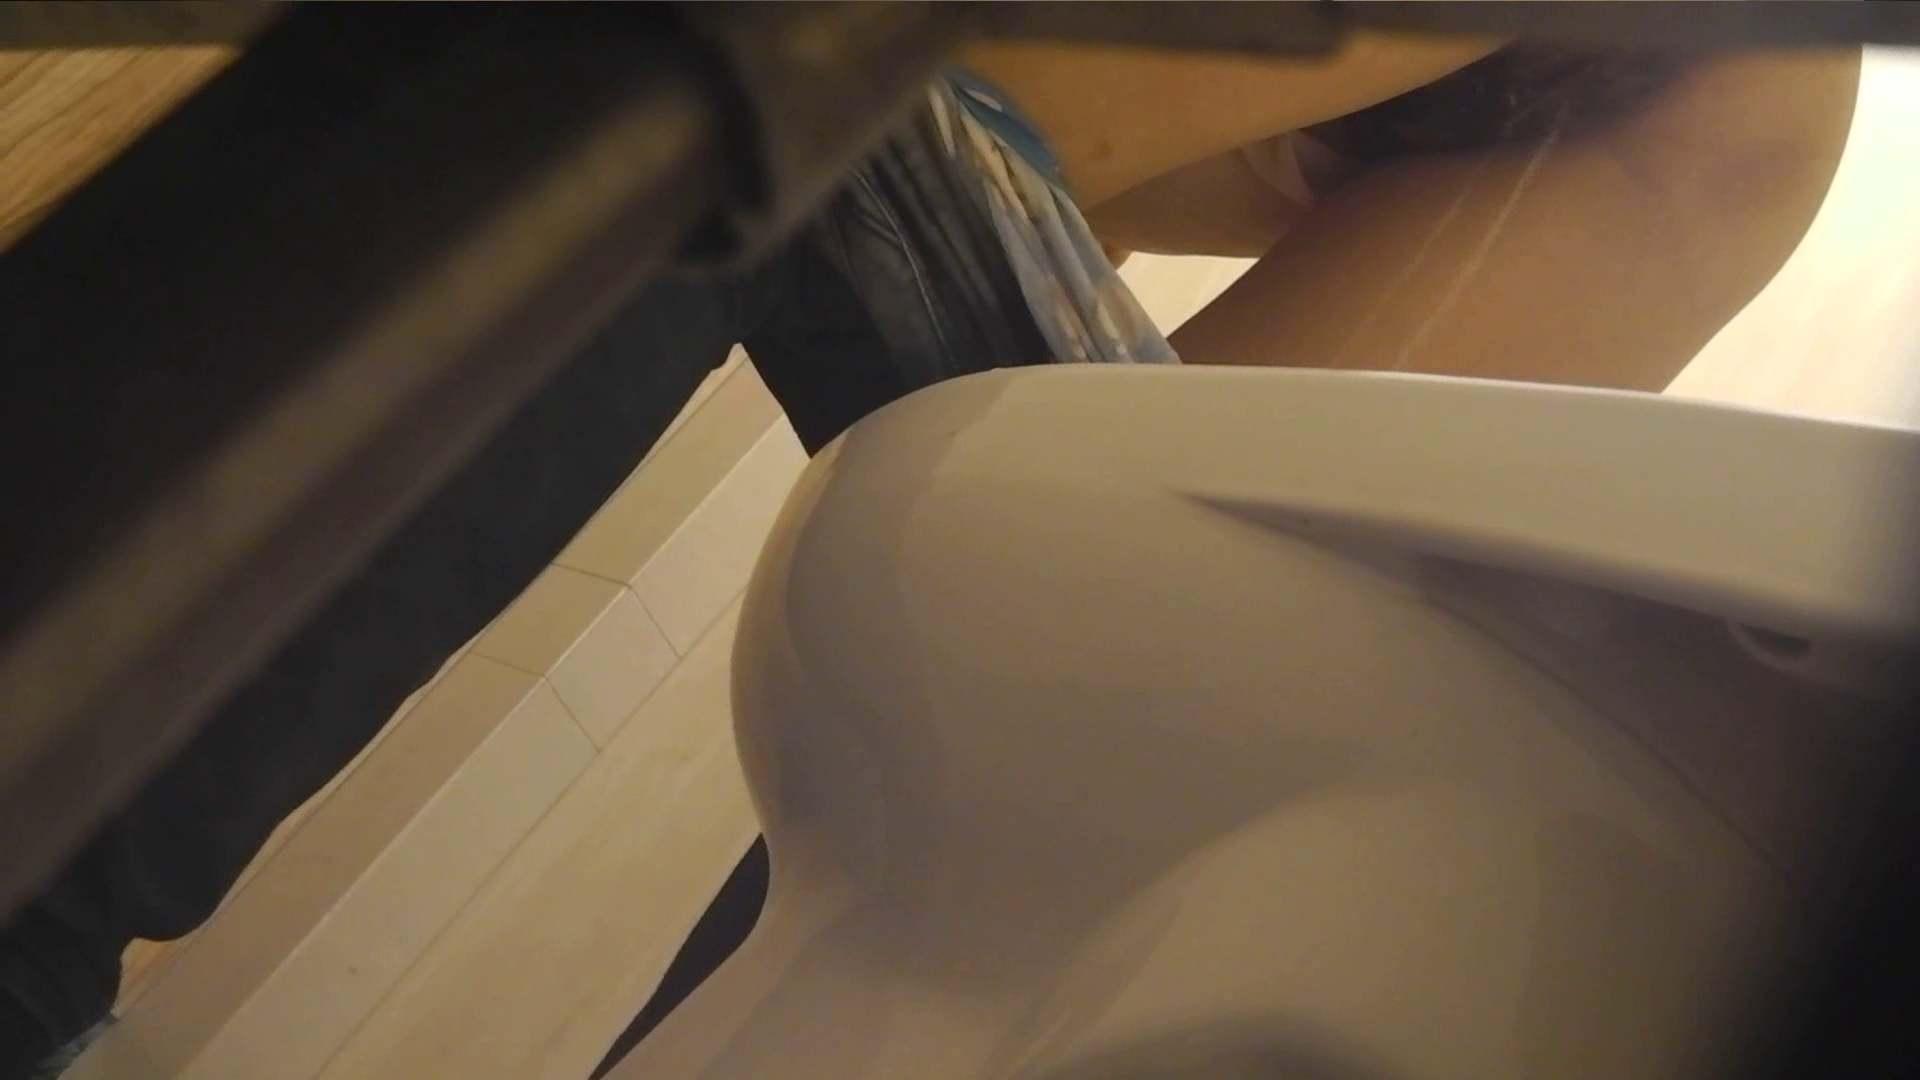 阿国ちゃんの「和式洋式七変化」No.18 iBO(フタコブ) 洗面所  112pic 31